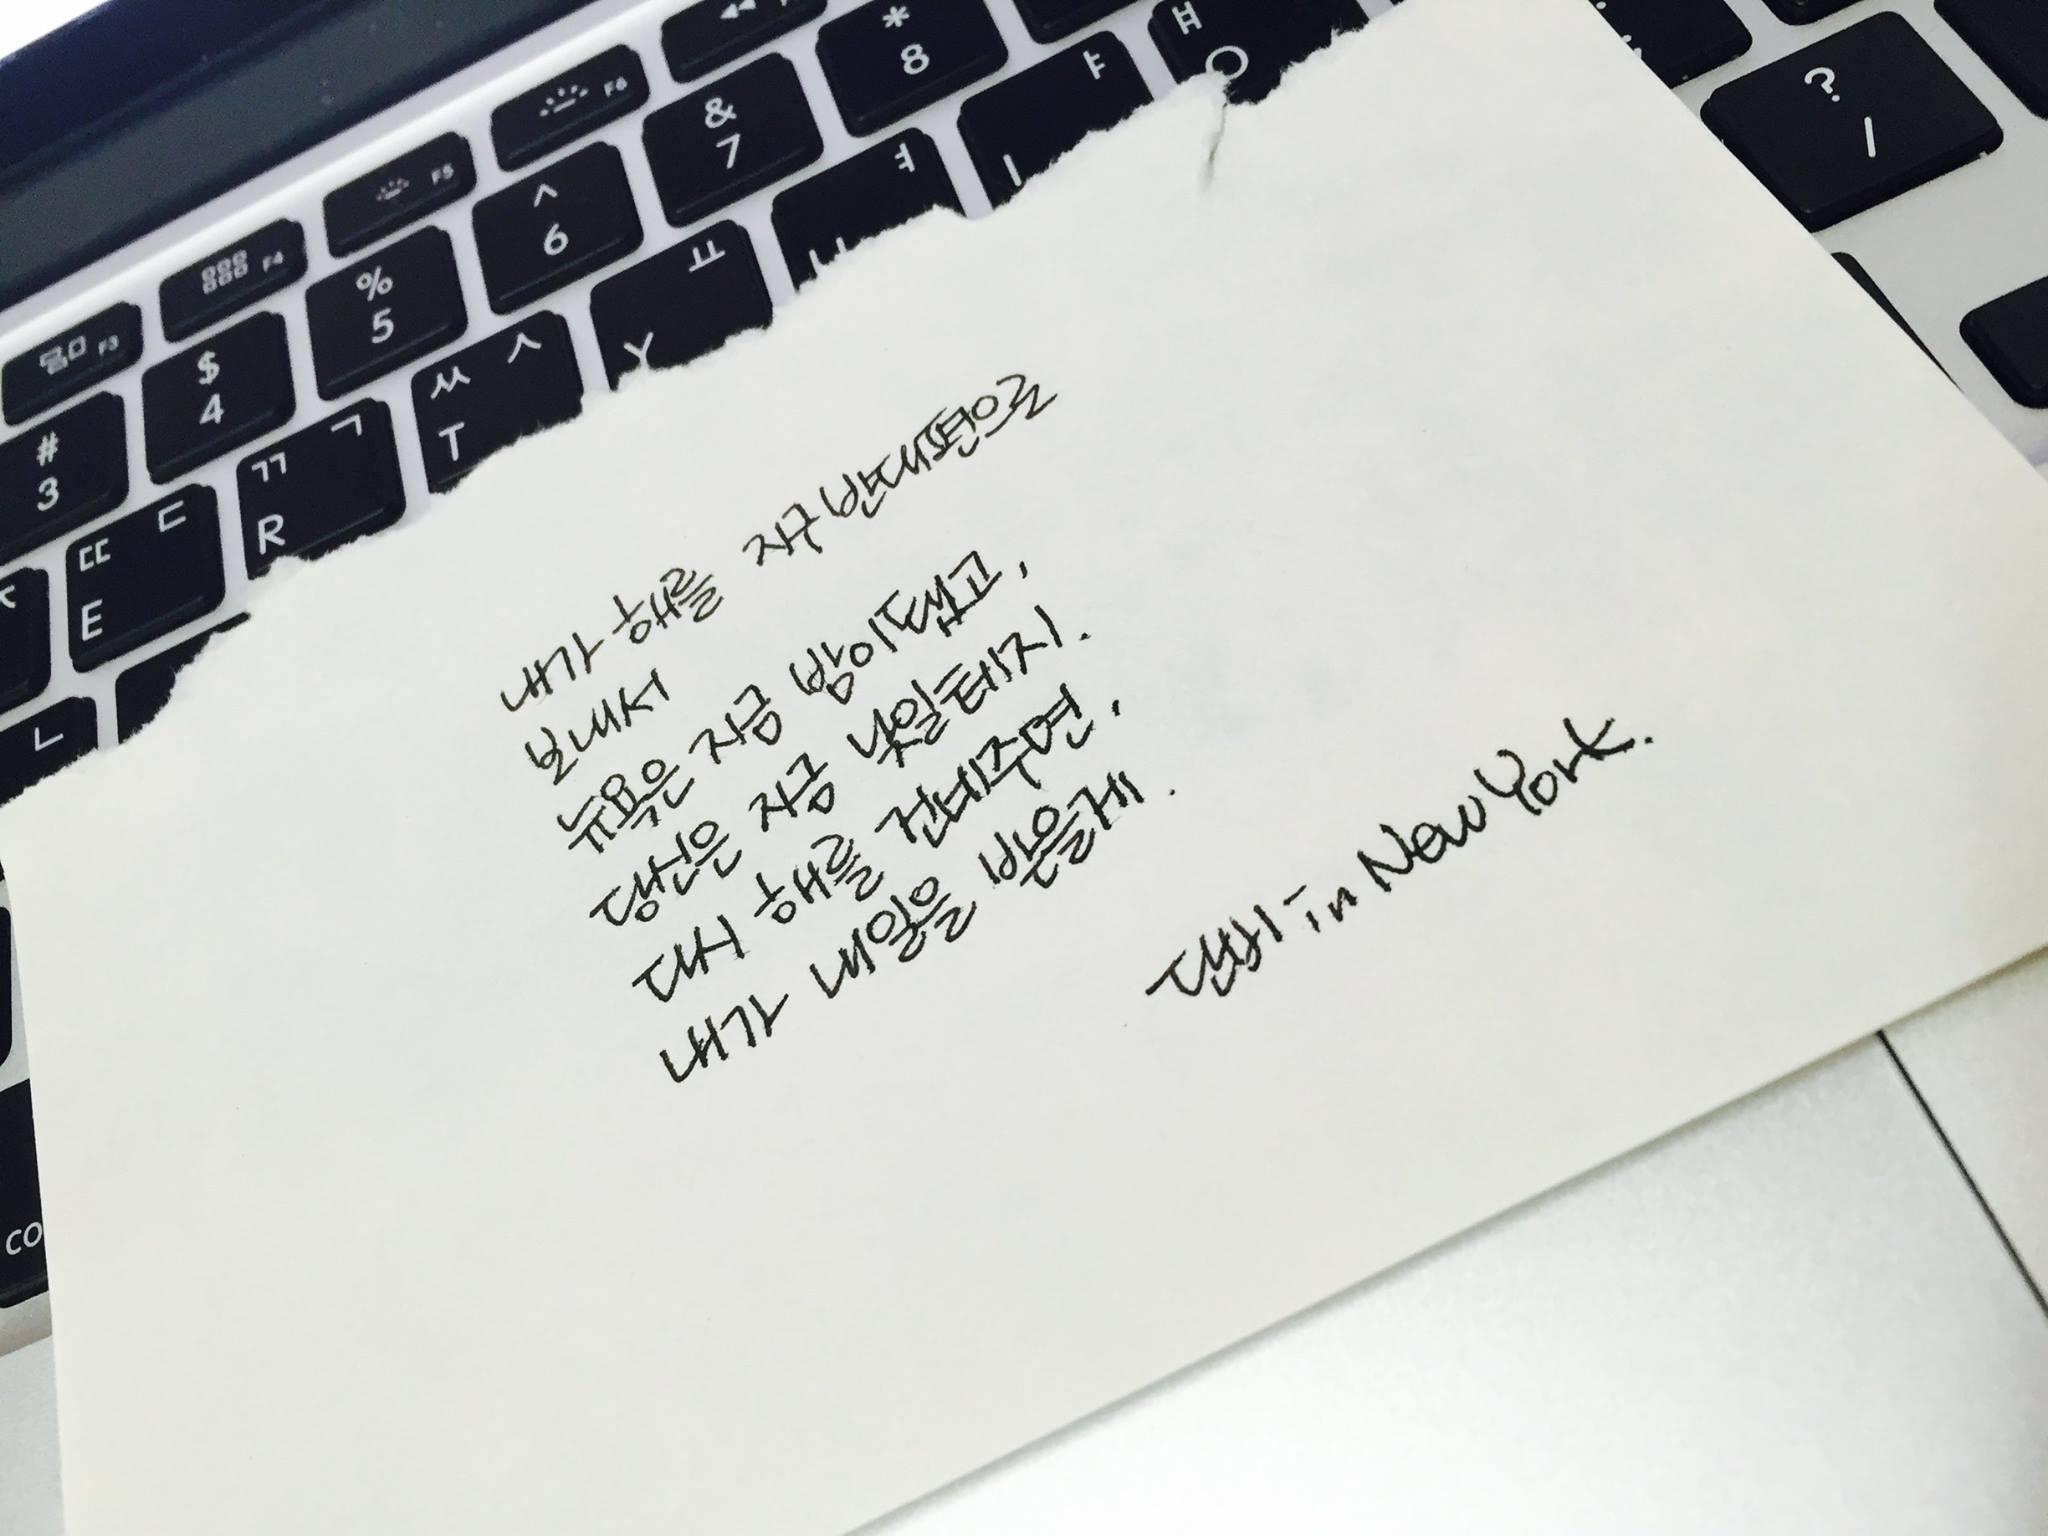 這是女友親自寫給他的,上面寫著: 我把太陽送到了地球的另一端,因此現在紐約是晚上了,而你那邊應該是大白天,你在那再把太陽送給我,我在這會接到